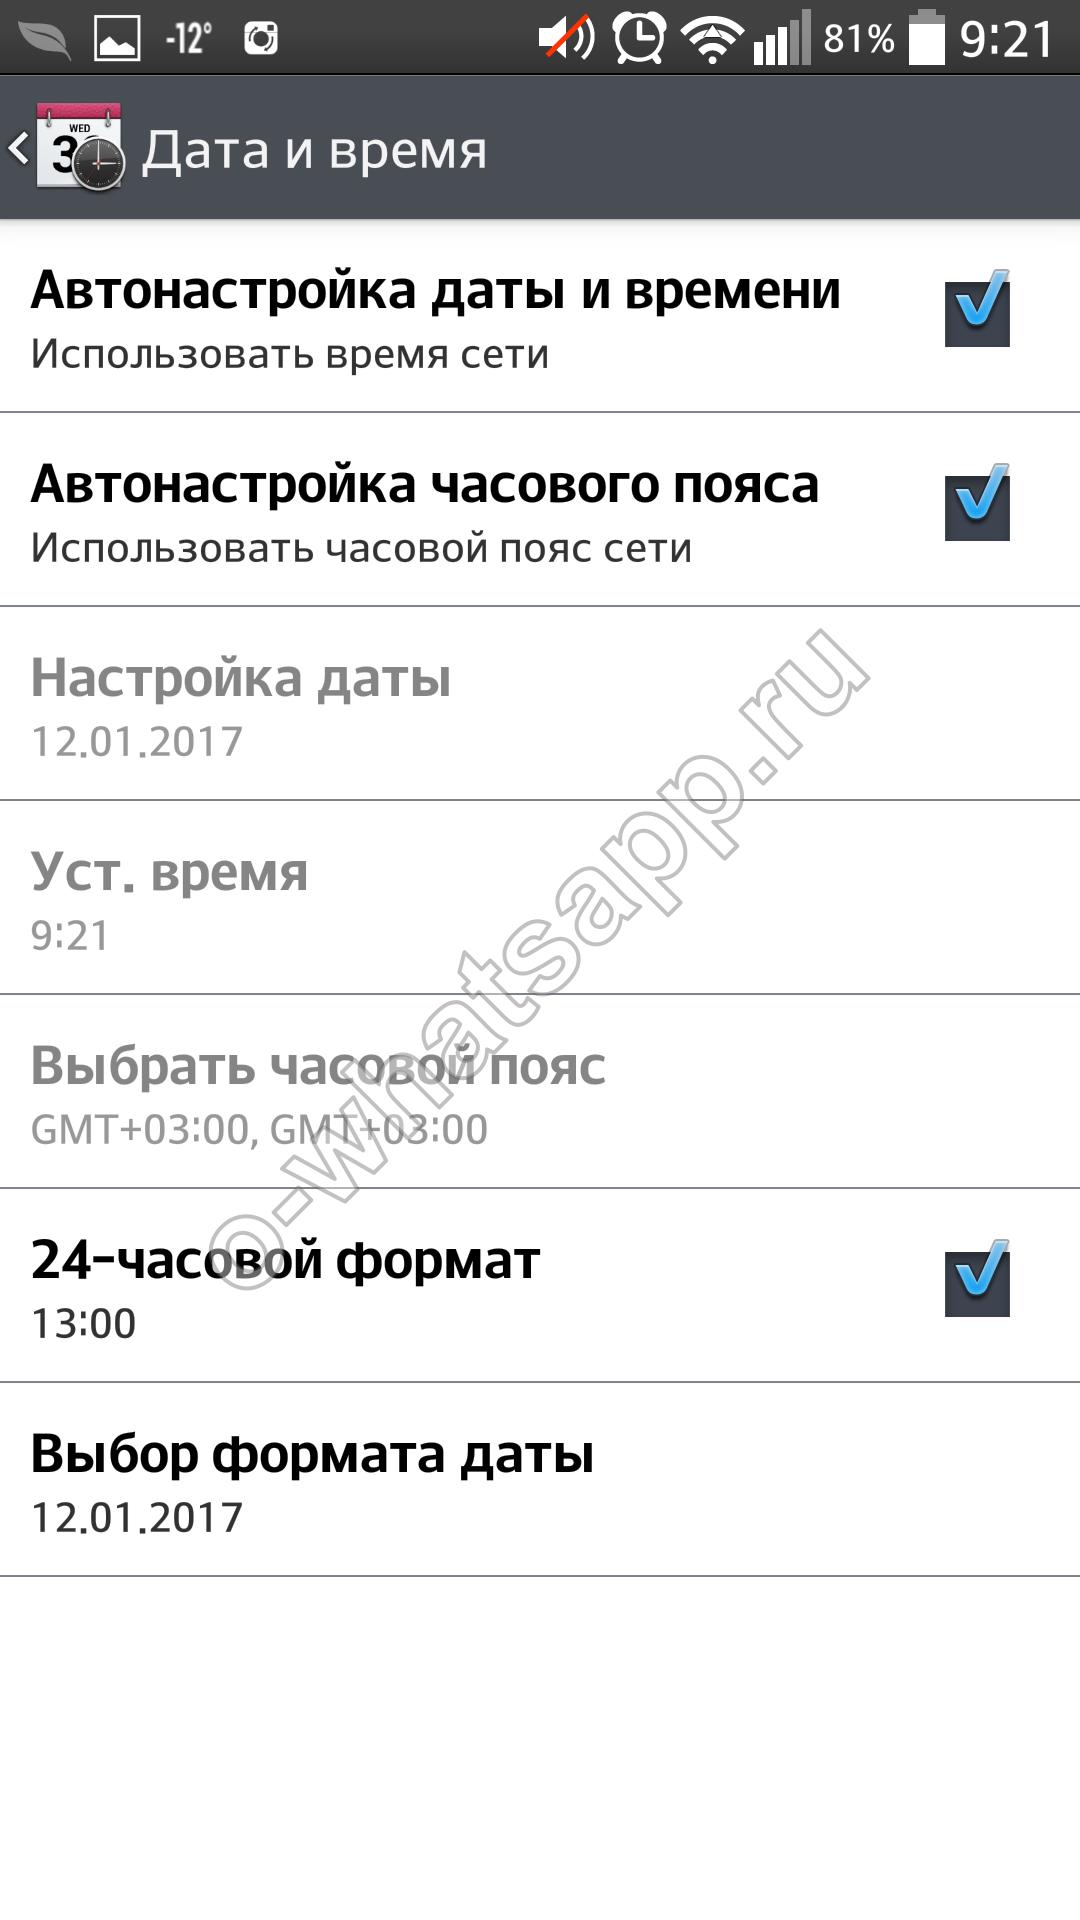 Как поставить дату и время на фото в андроиде, как установить 7